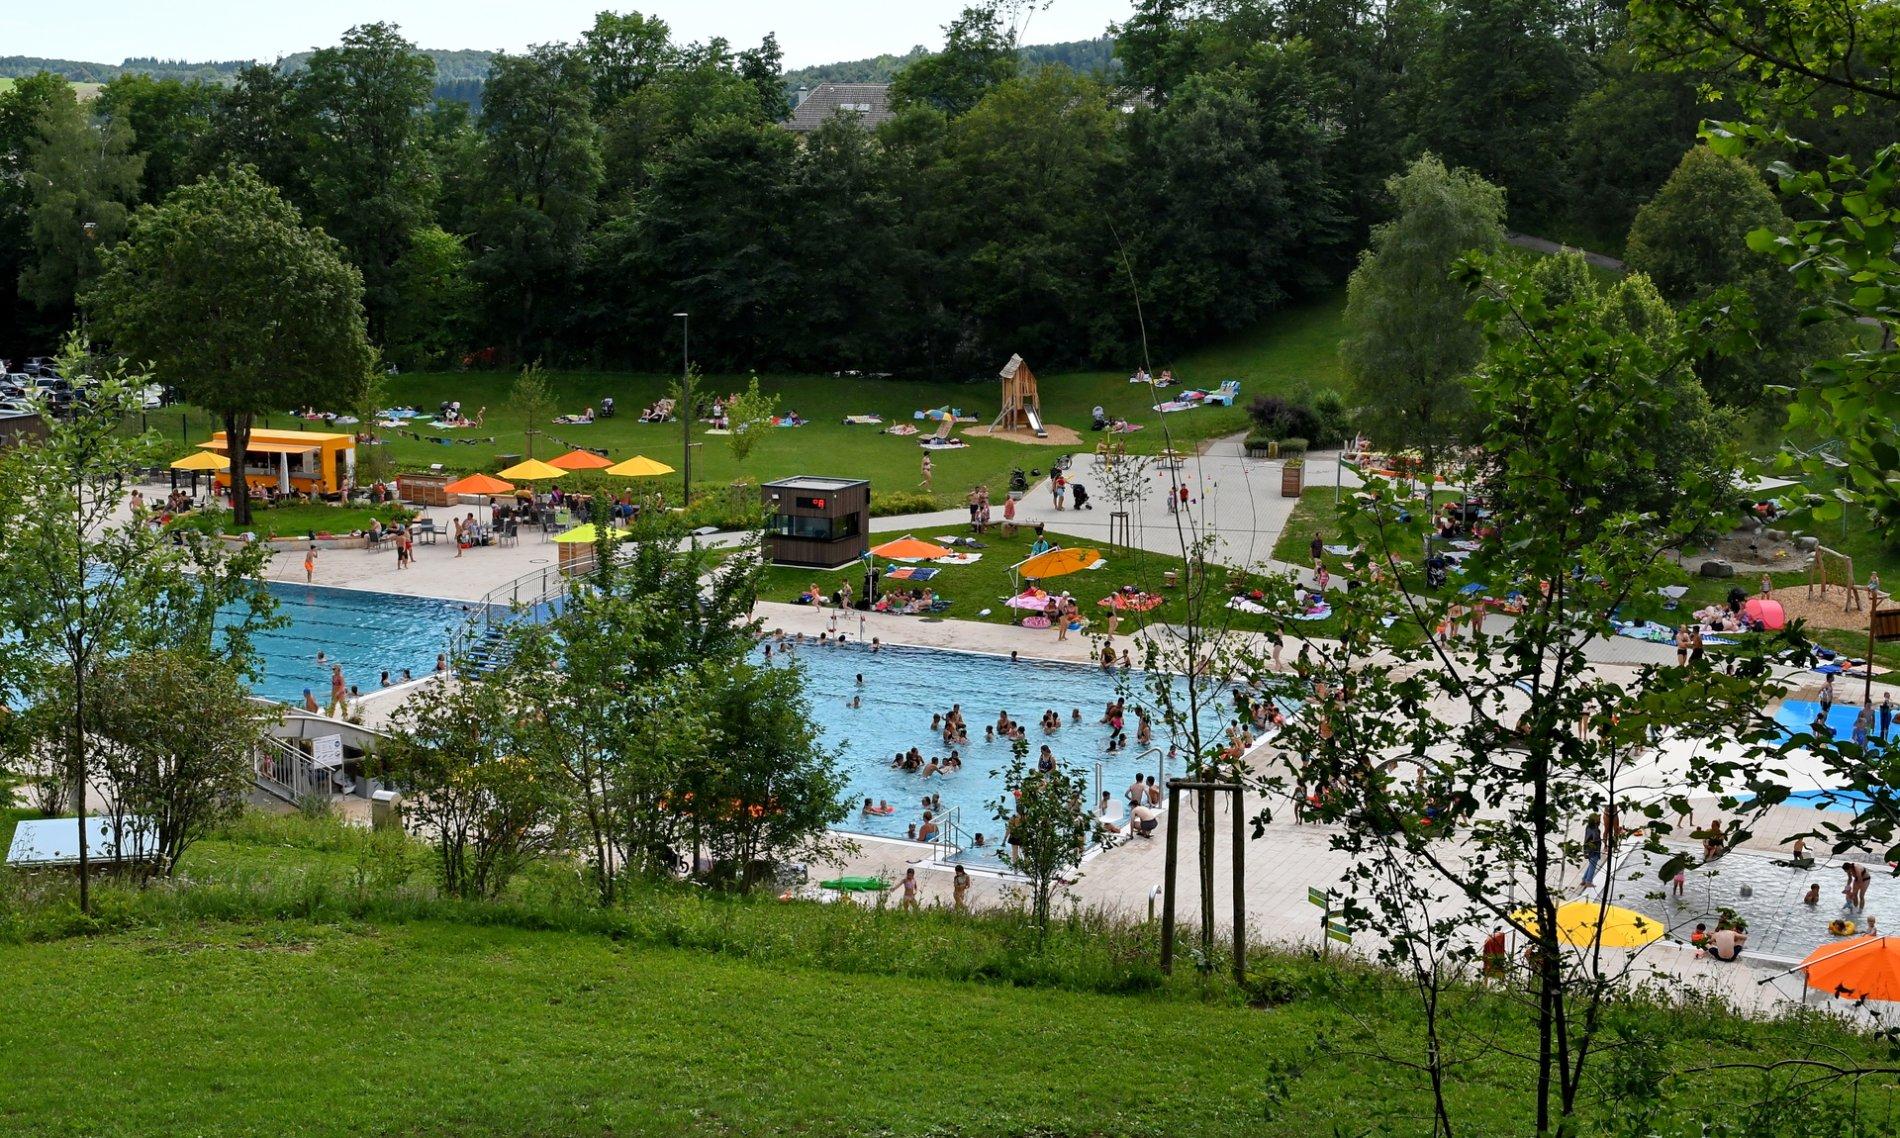 Ein Freibad mit einem großen Becken, einer Wasserrutsche, einem kleinen Kinderbecken, einem Wasserspielplatz, vielen Liegewiesen, einem Kiosk und weiteren Spielmöglichkeiten. Überall tummeln sich Leute. Im Hintergrund sind Bäume.